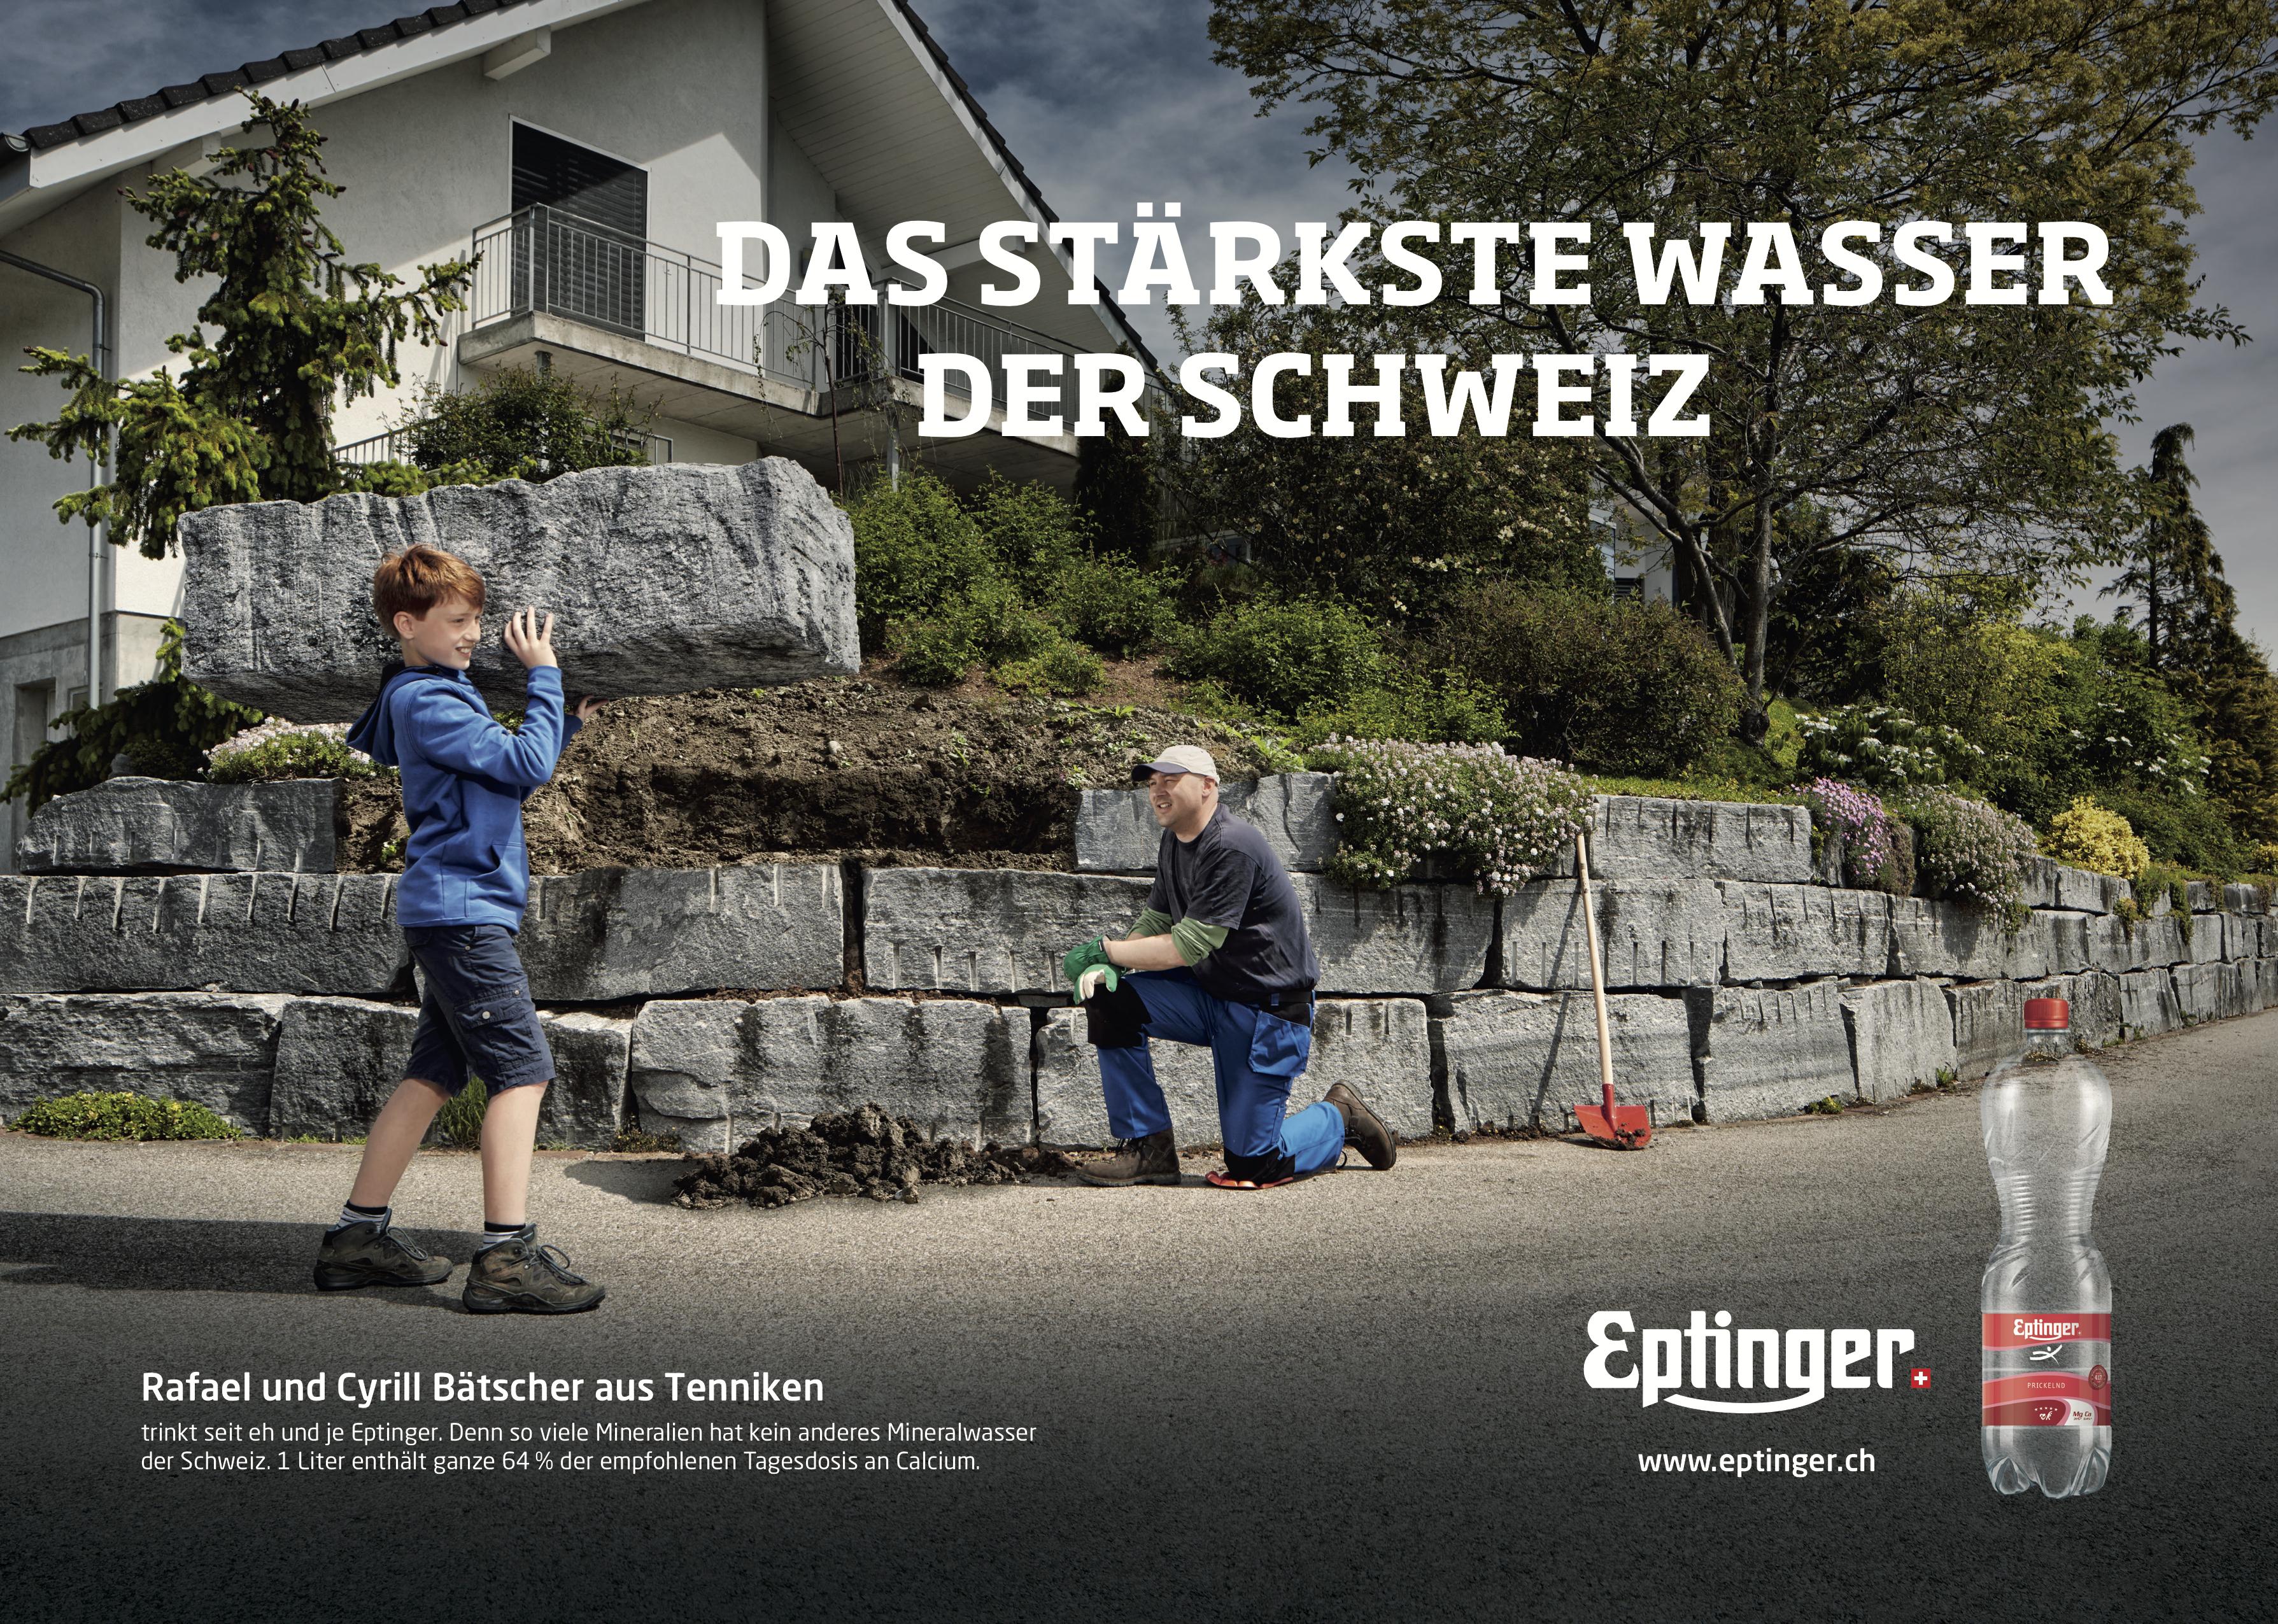 Eptinger Mineralwasser Werbung 2016 Cyrill Bätscher und Rafael Bätscher